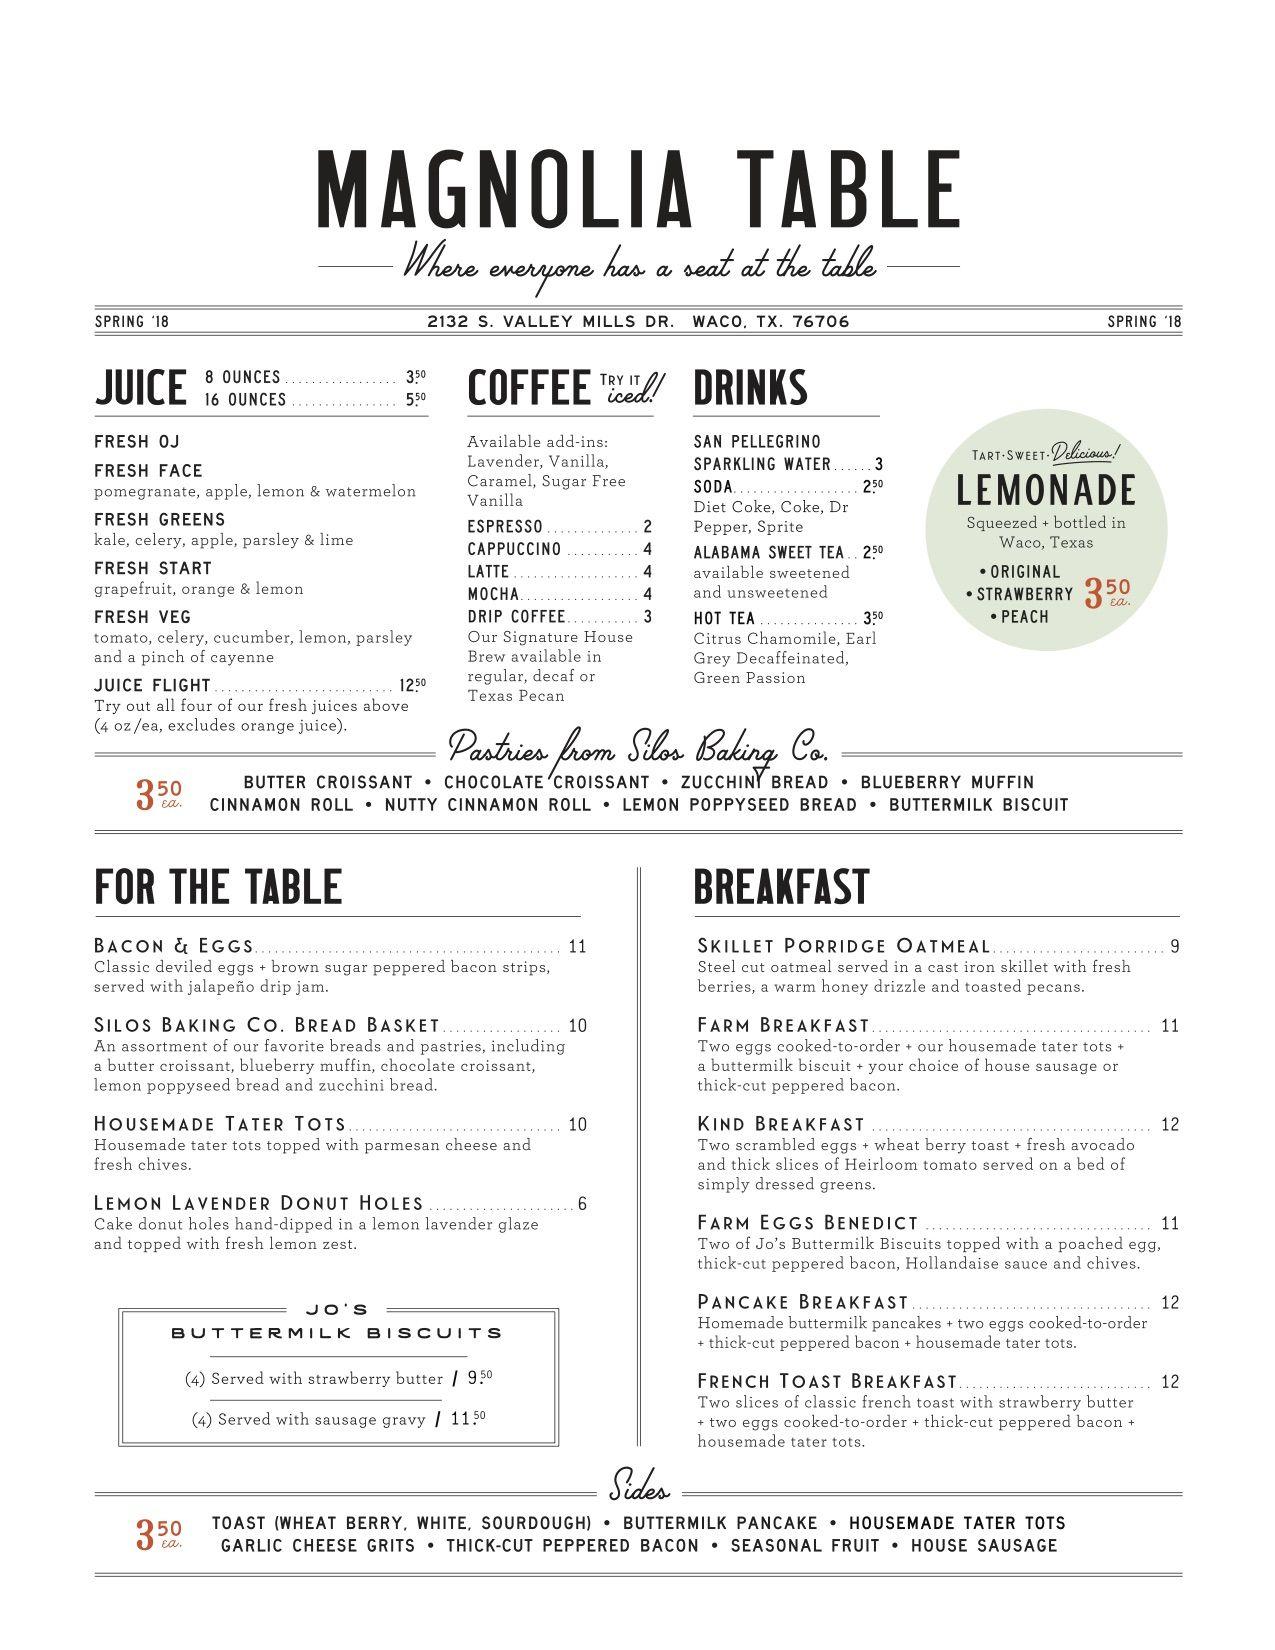 Magnolia Table Breakfast Menu